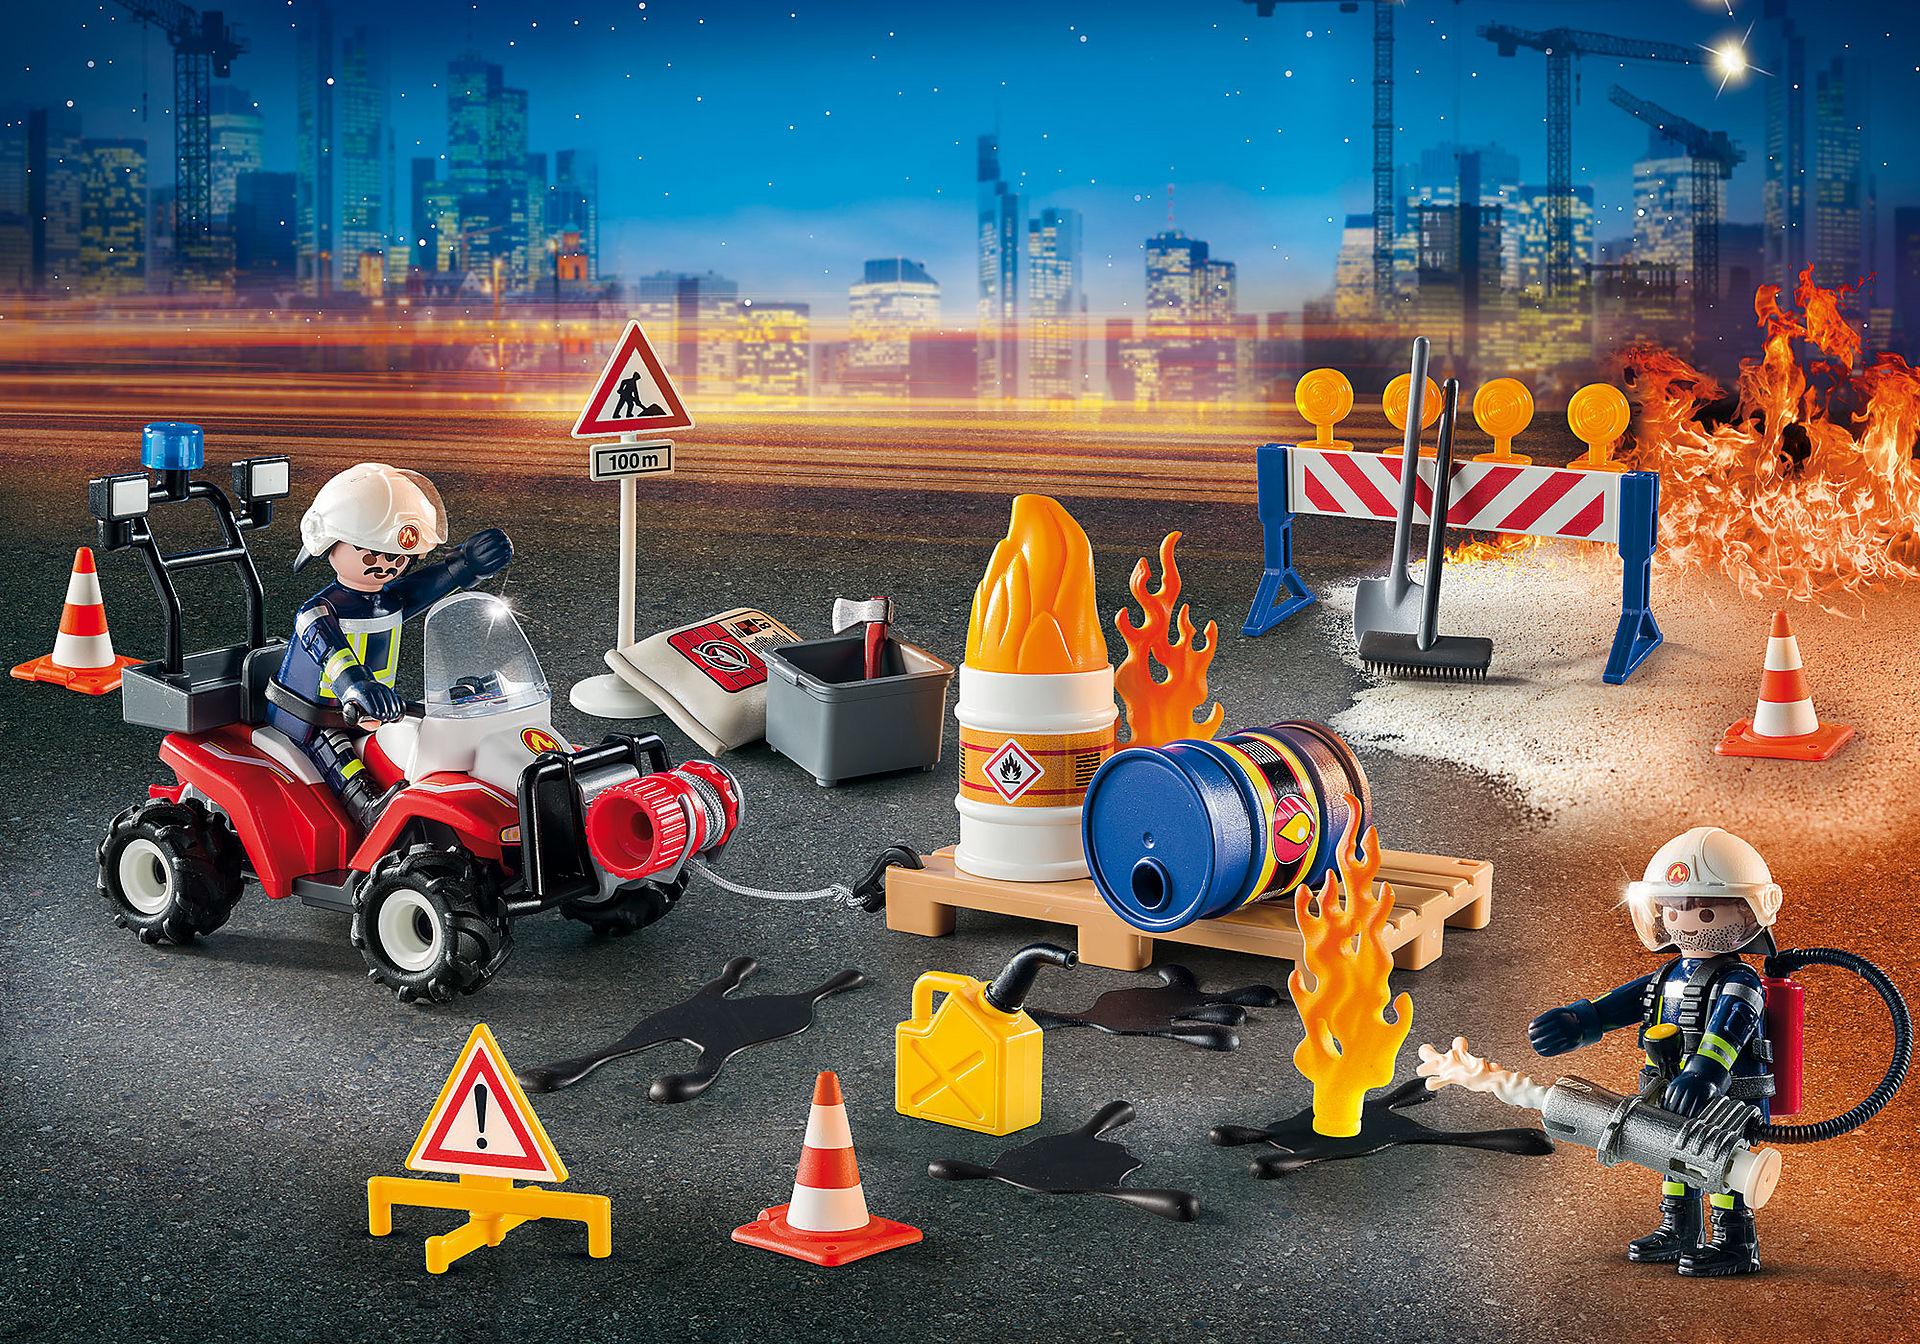 9486 Adventskalender 'Interventie op de bouwwerf'  zoom image3